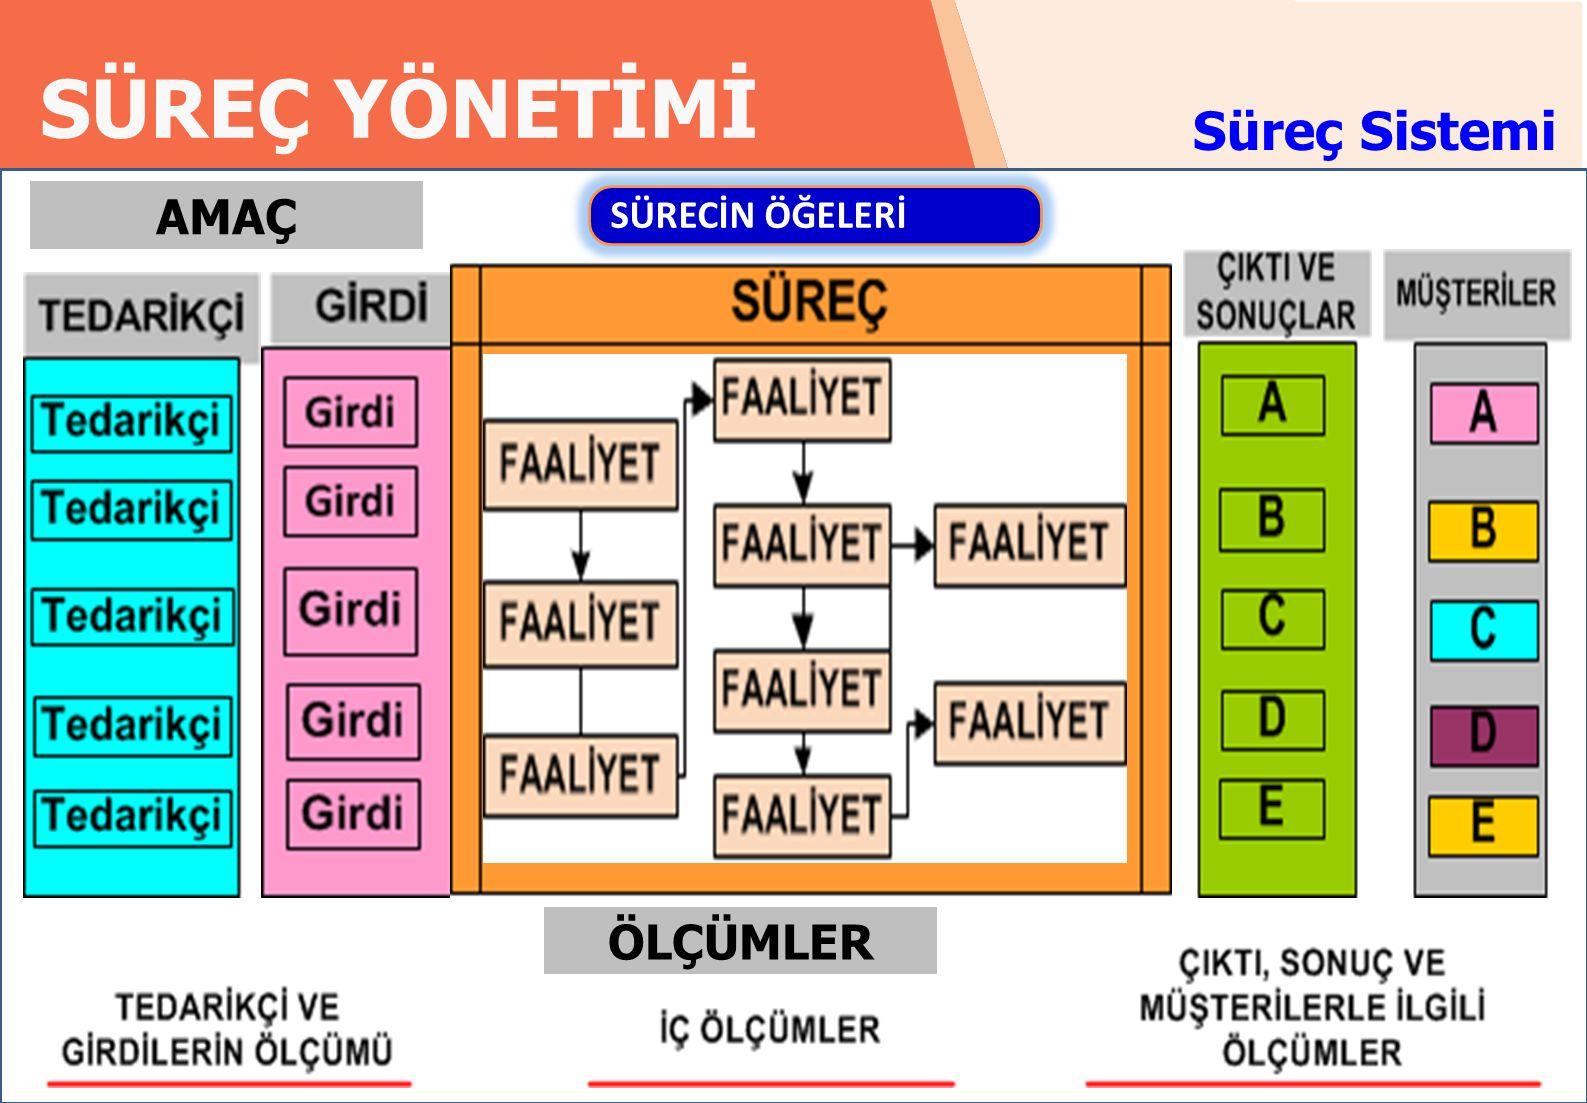 RADAR EĞİTİM DANIŞMANLIK SÜREÇ YÖNETİMİ 24 radardanismanlik.com.tr SÜRECİN ÖĞELERİ.